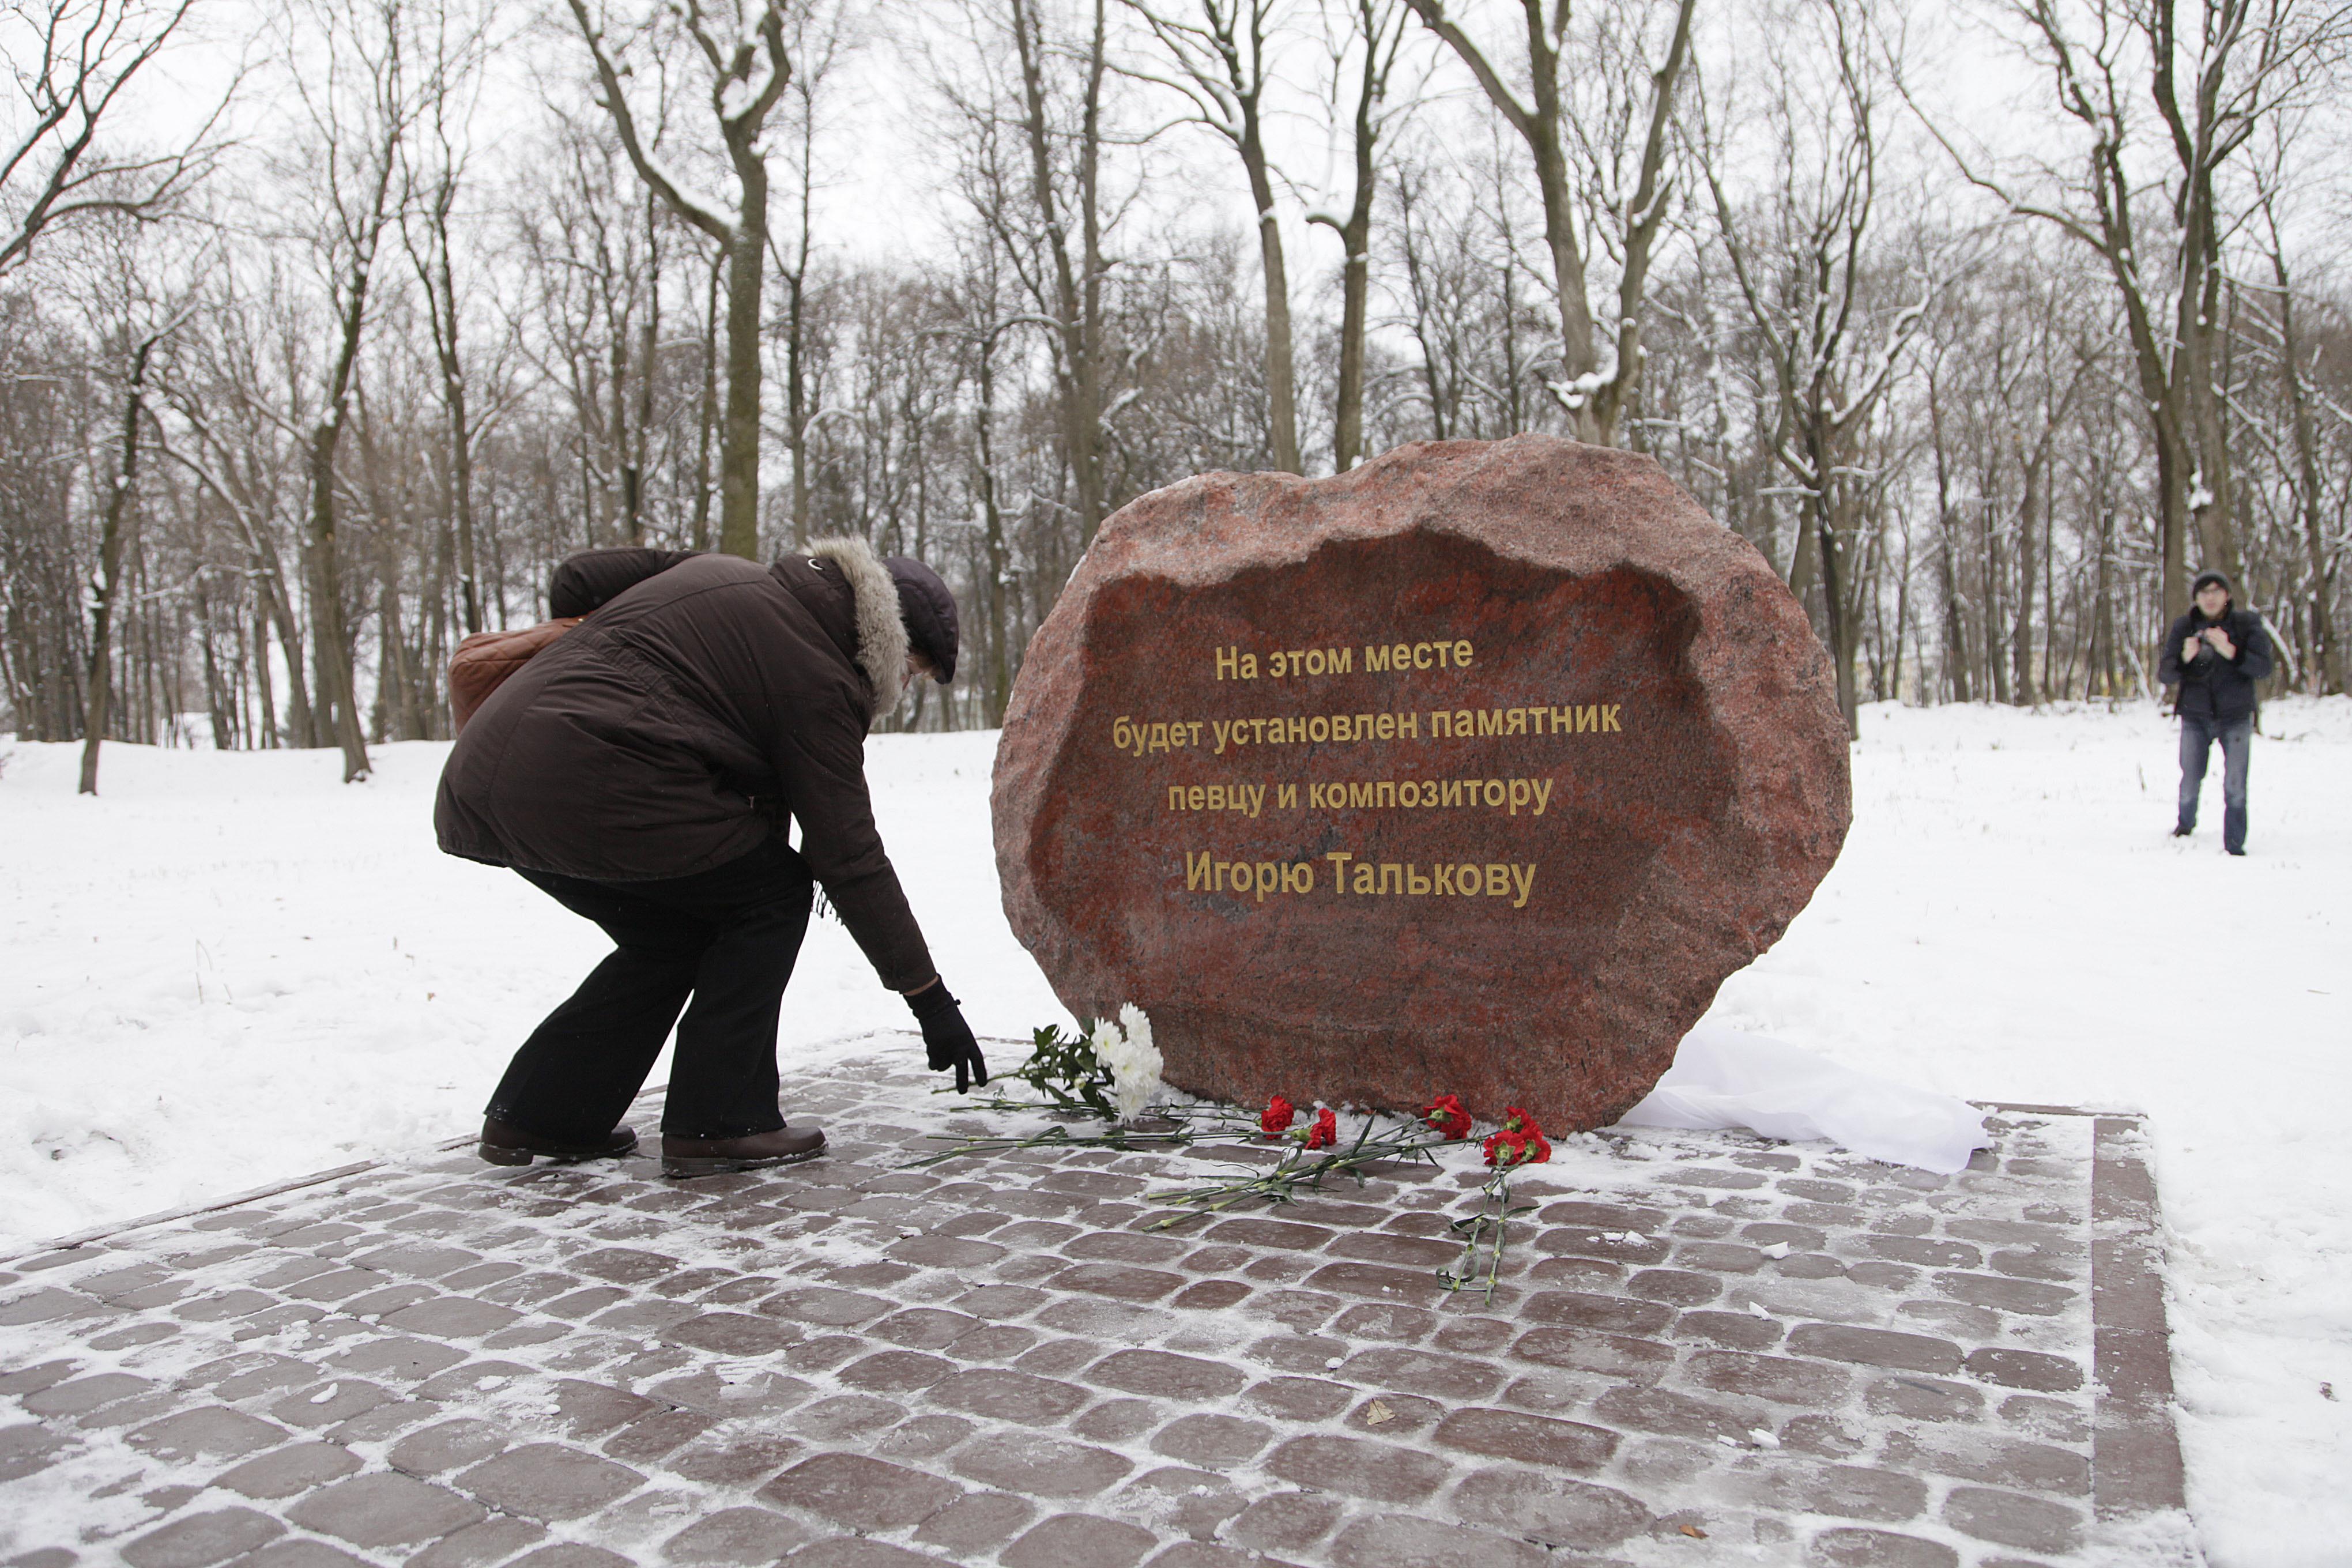 ВТульской области заложили камень воснование монумента Игорю Талькову